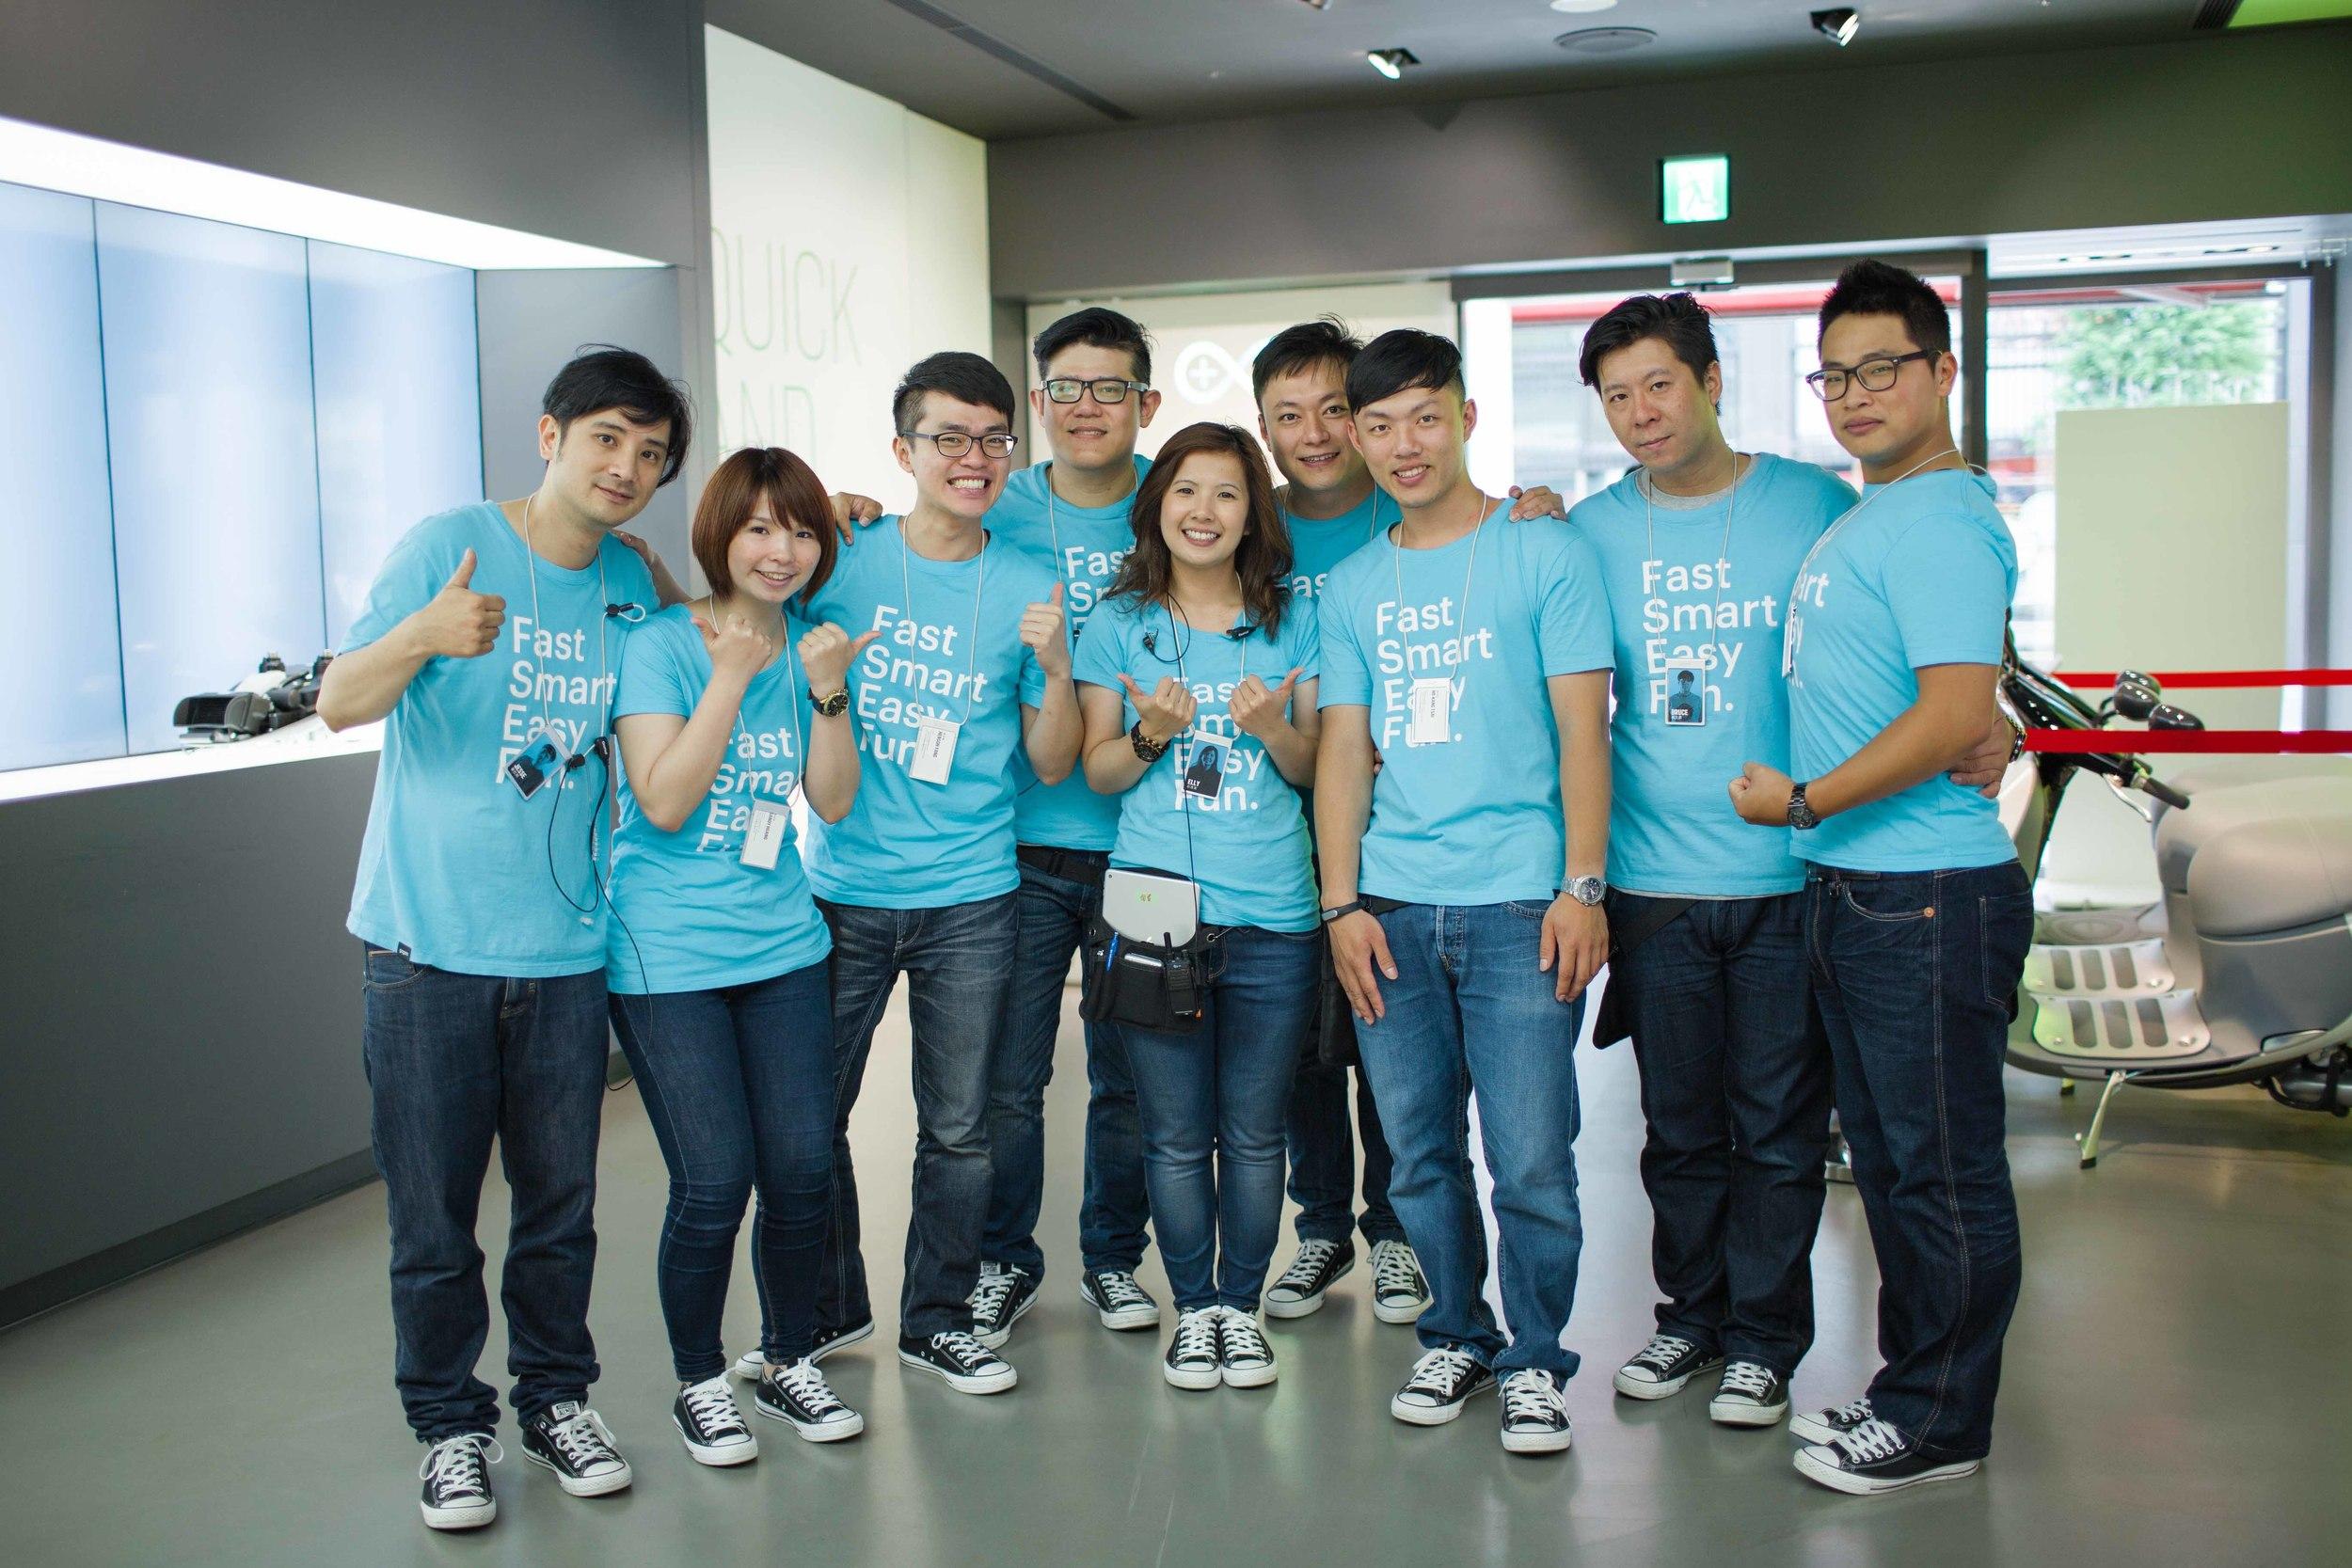 Wuz_newwebsite_event_49.JPG